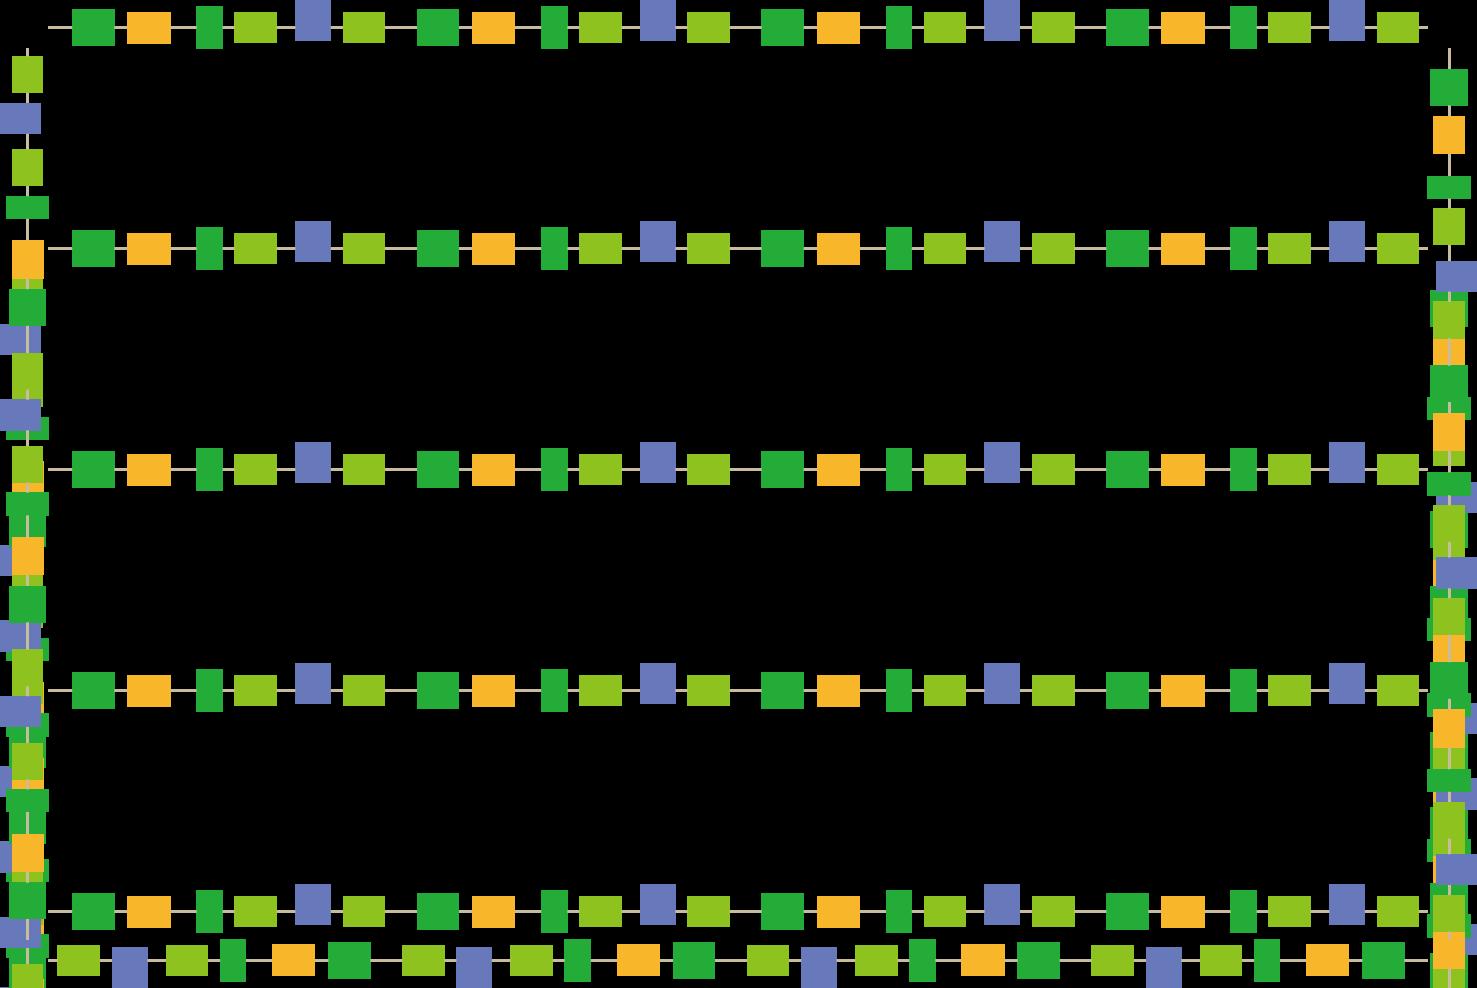 イラスト枠・飾り線・無料 ... : 図形の角 : すべての講義